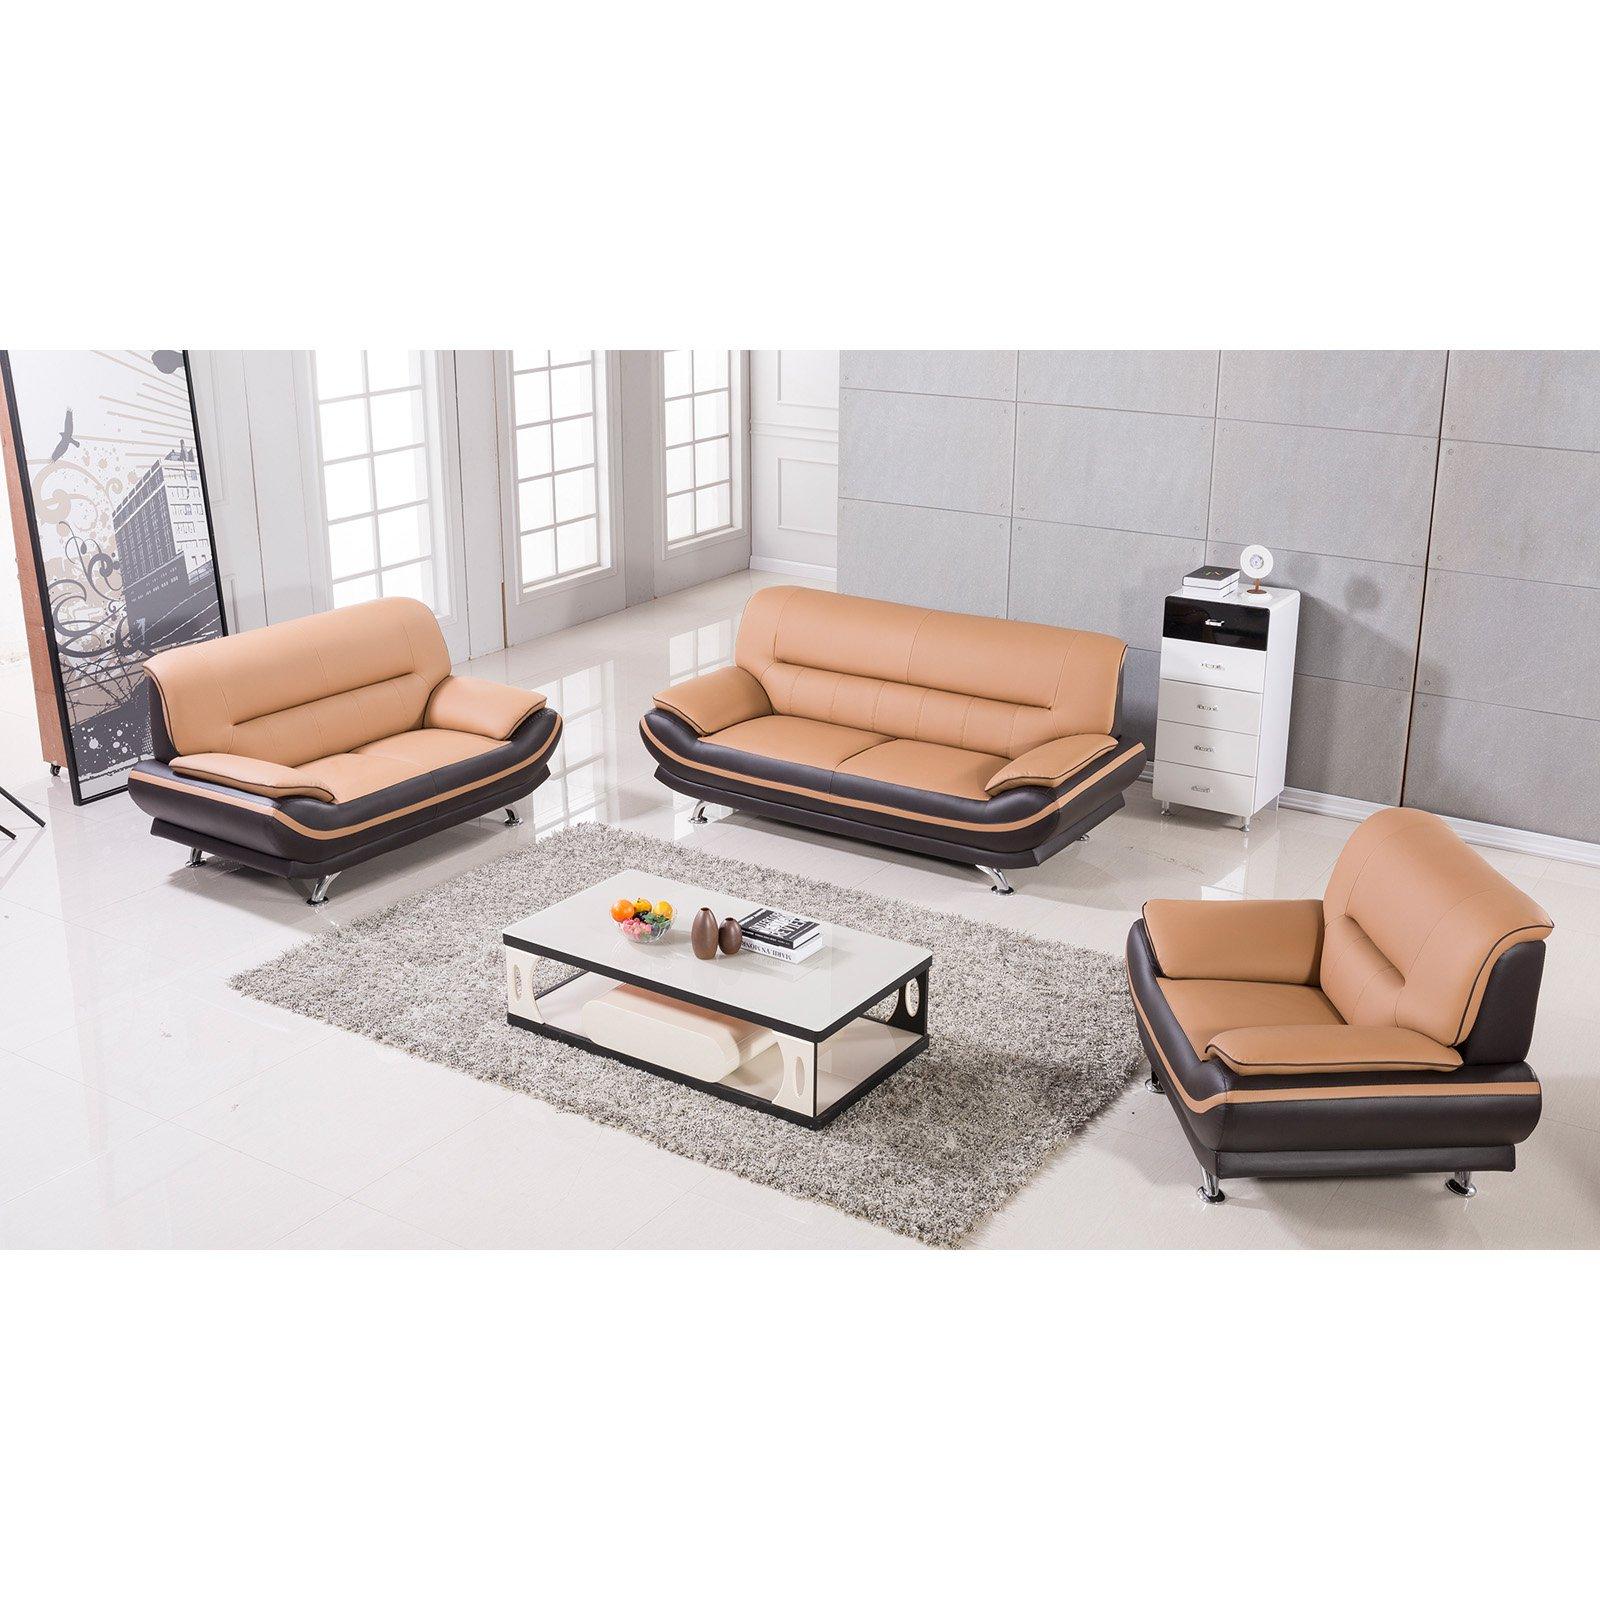 American Eagle Furniture Mason 3 Piece Sofa Set